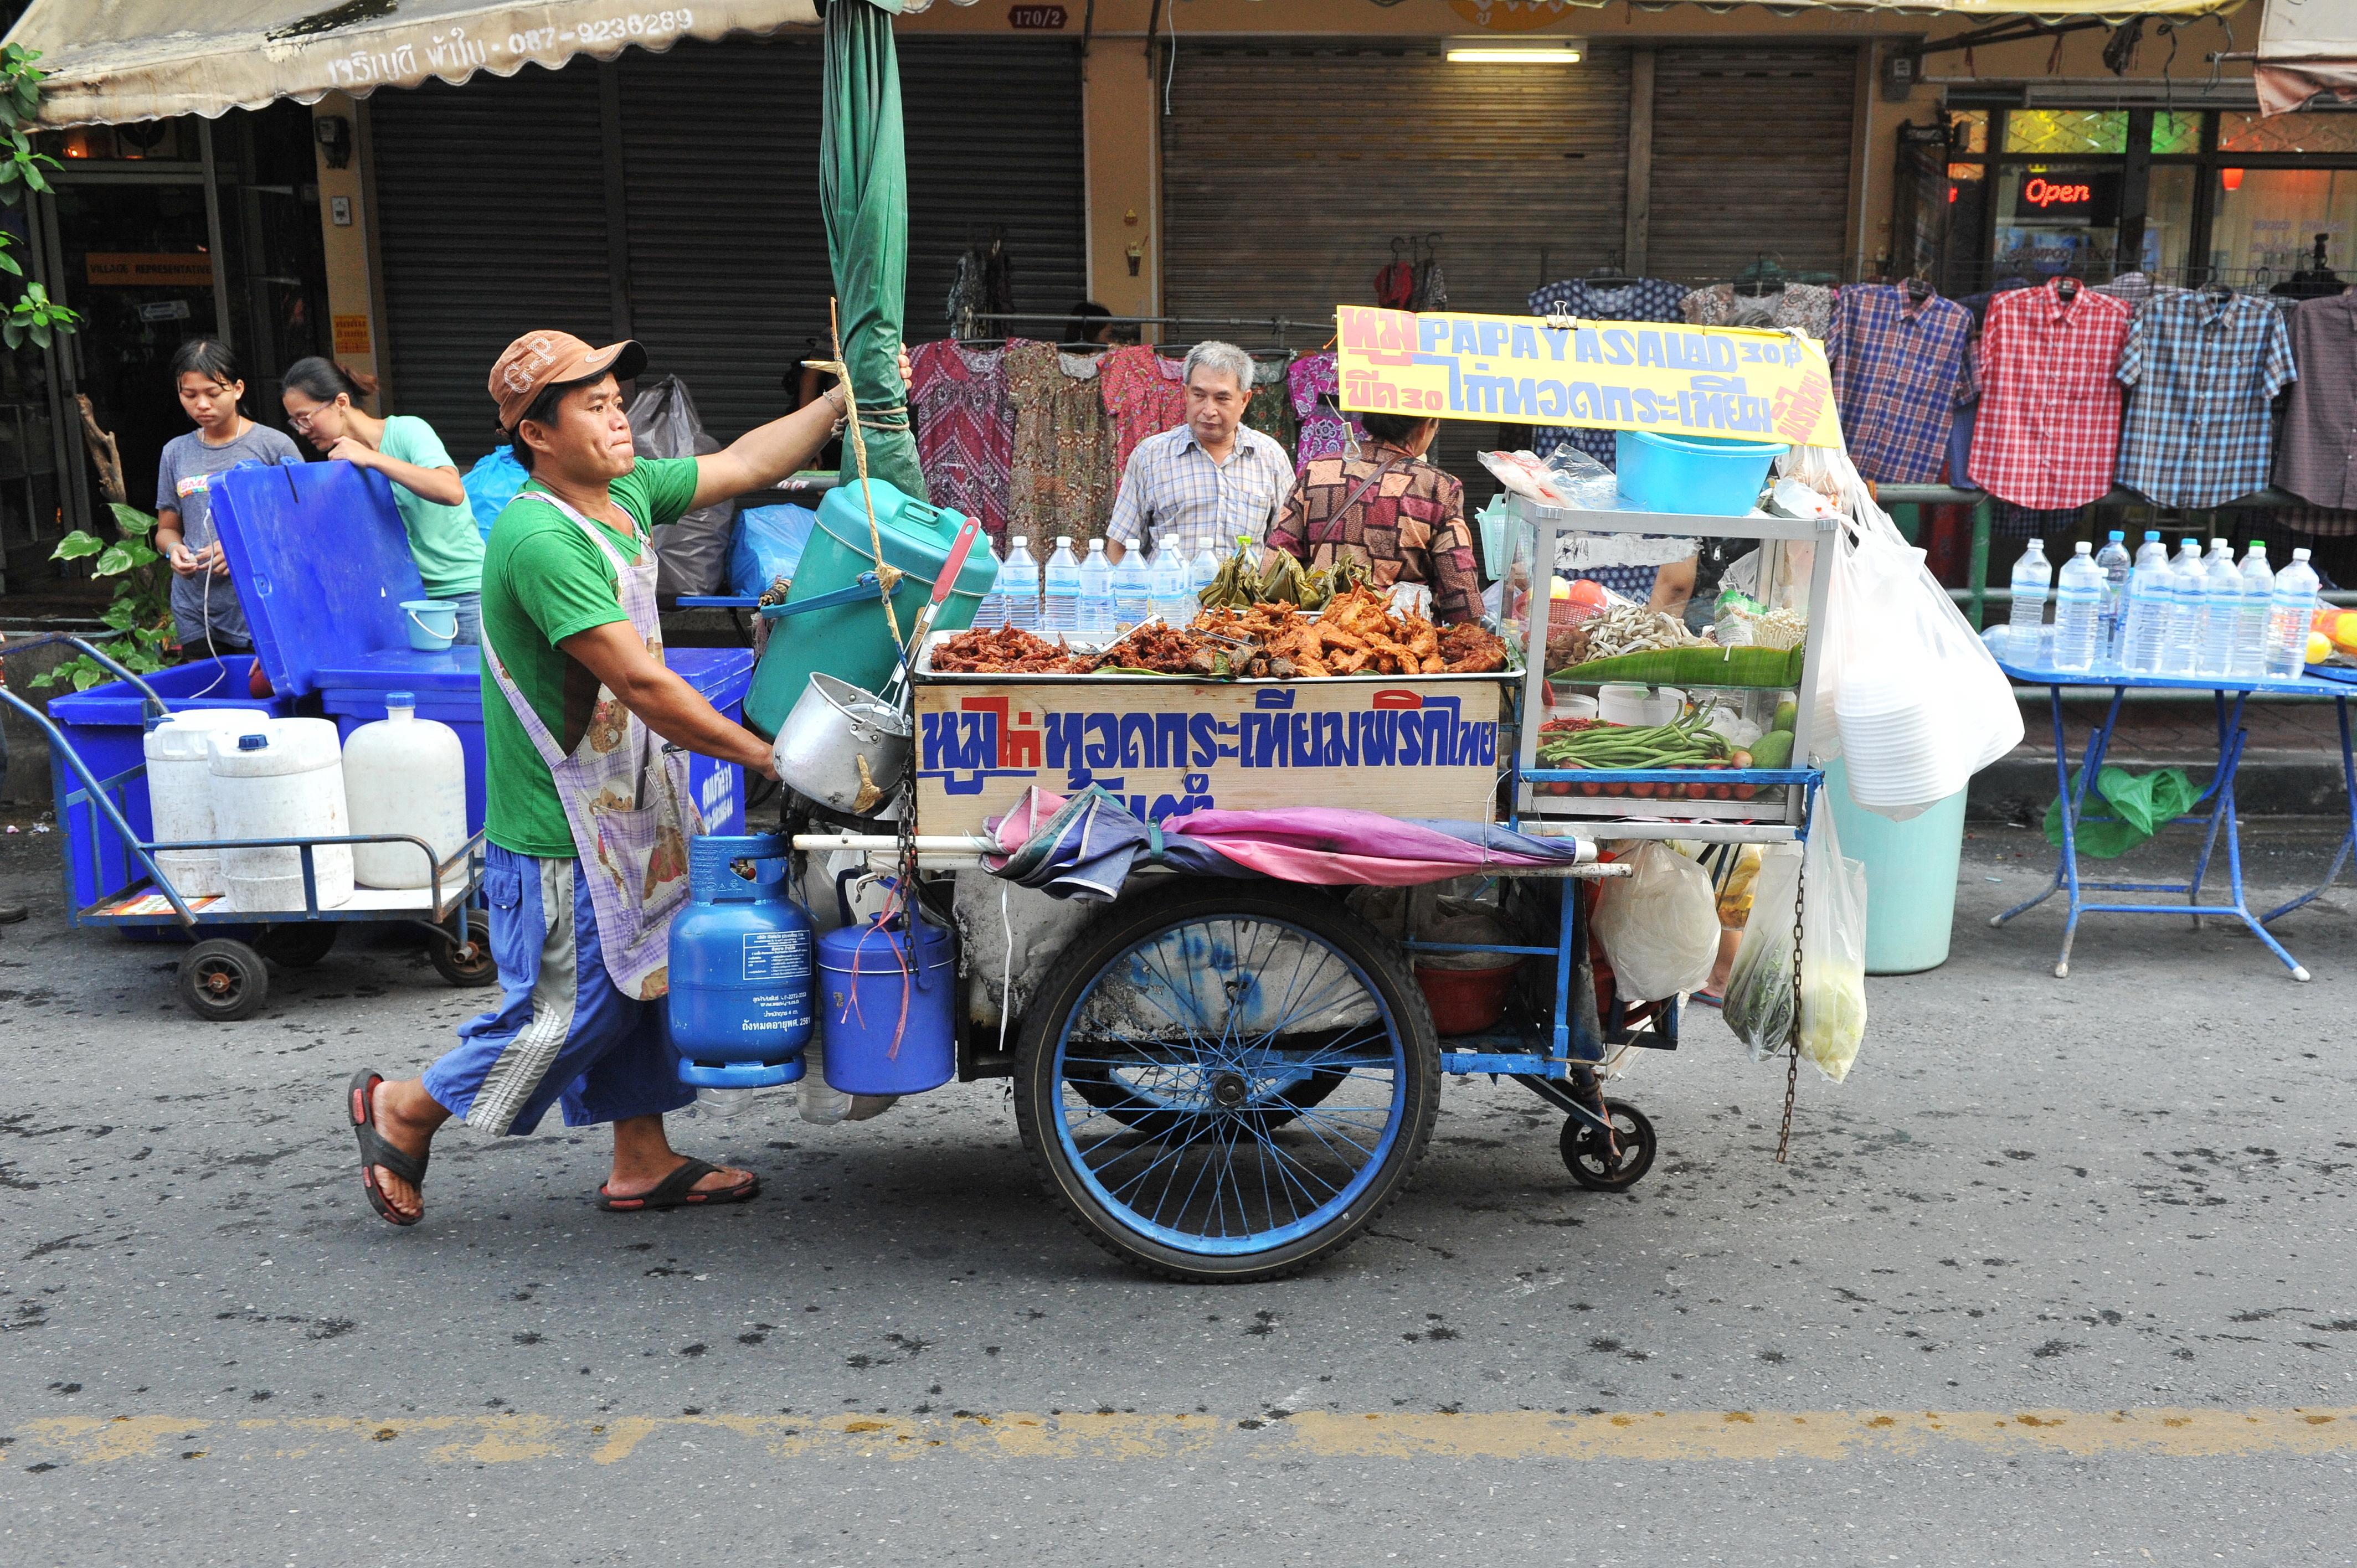 Infekterad mat och dryck är de vanligaste smittkällorna till turistdiarré. Foto: 1000 Words/Shutterstock